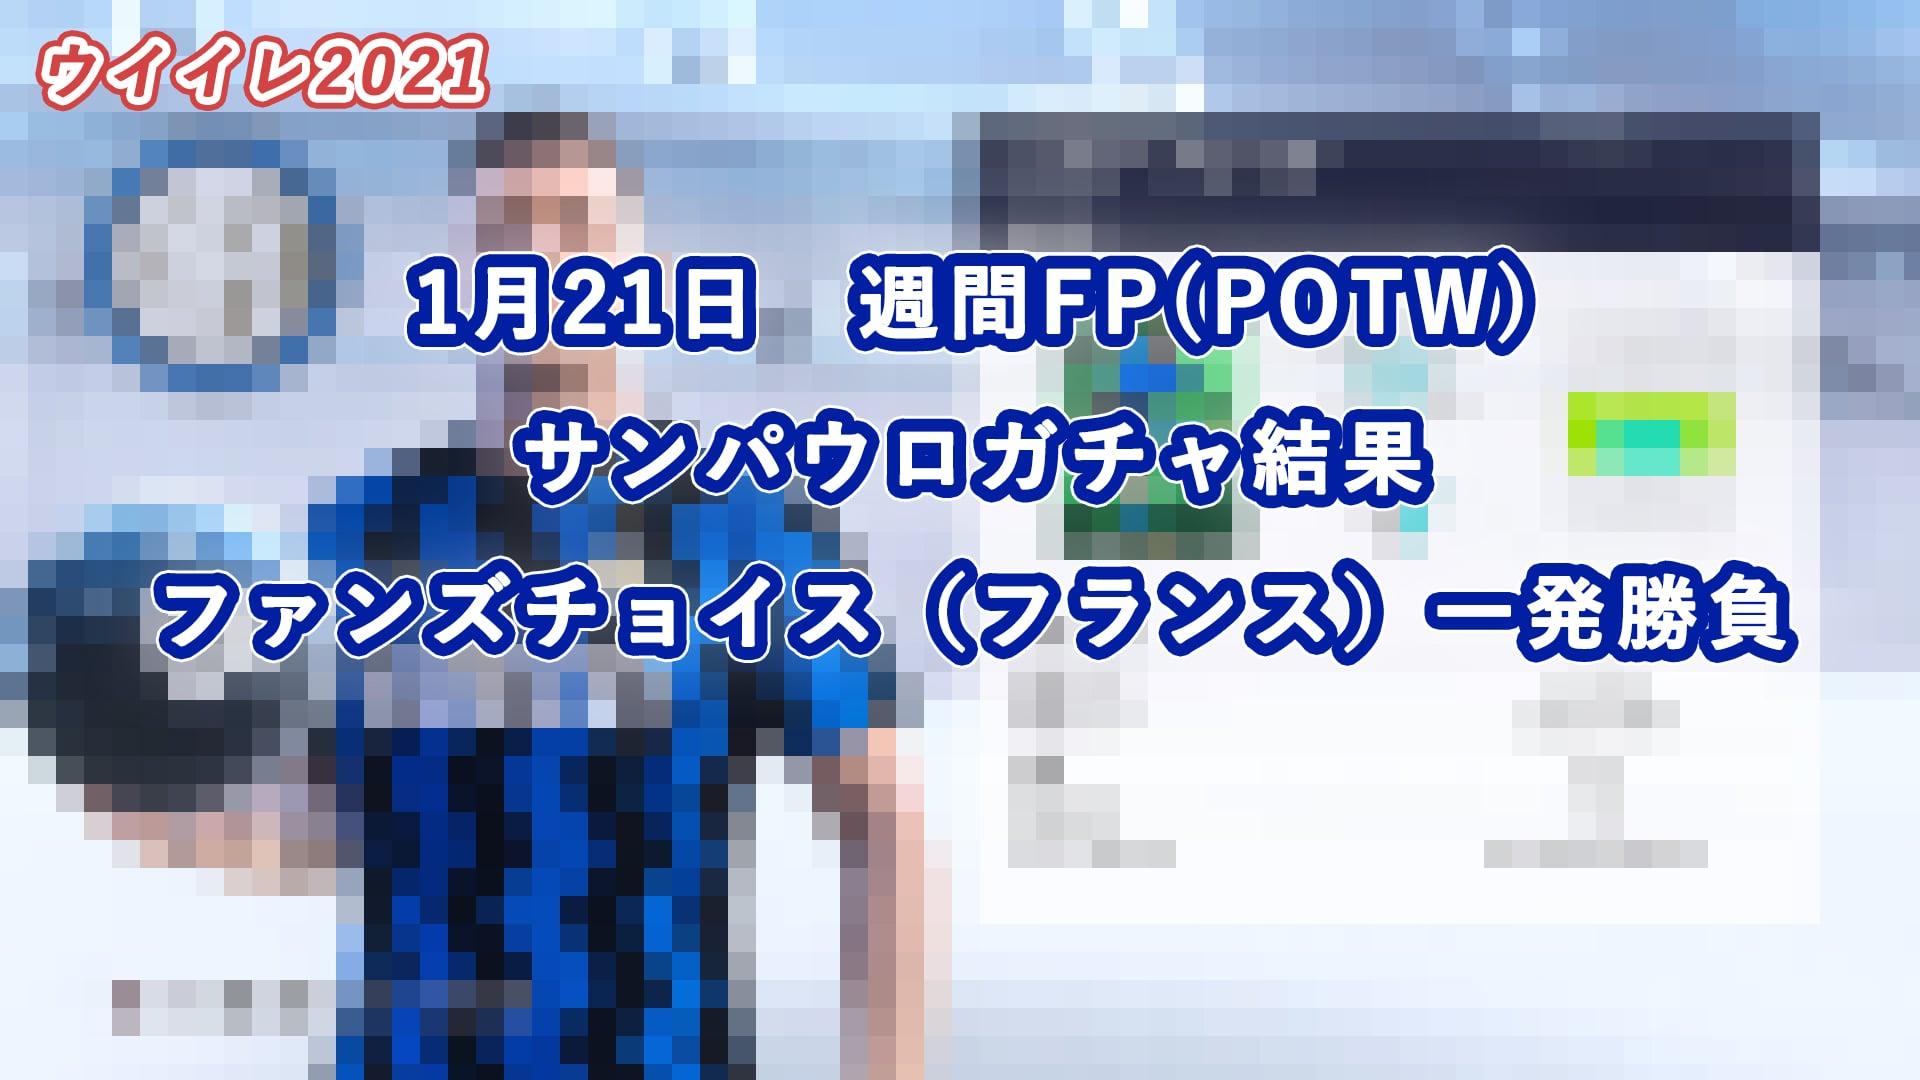 【ウイイレ2021】1/21週間FP(POTW)ガチャ・サンパウロガチャ結果・ファンズチョイス(フランス)